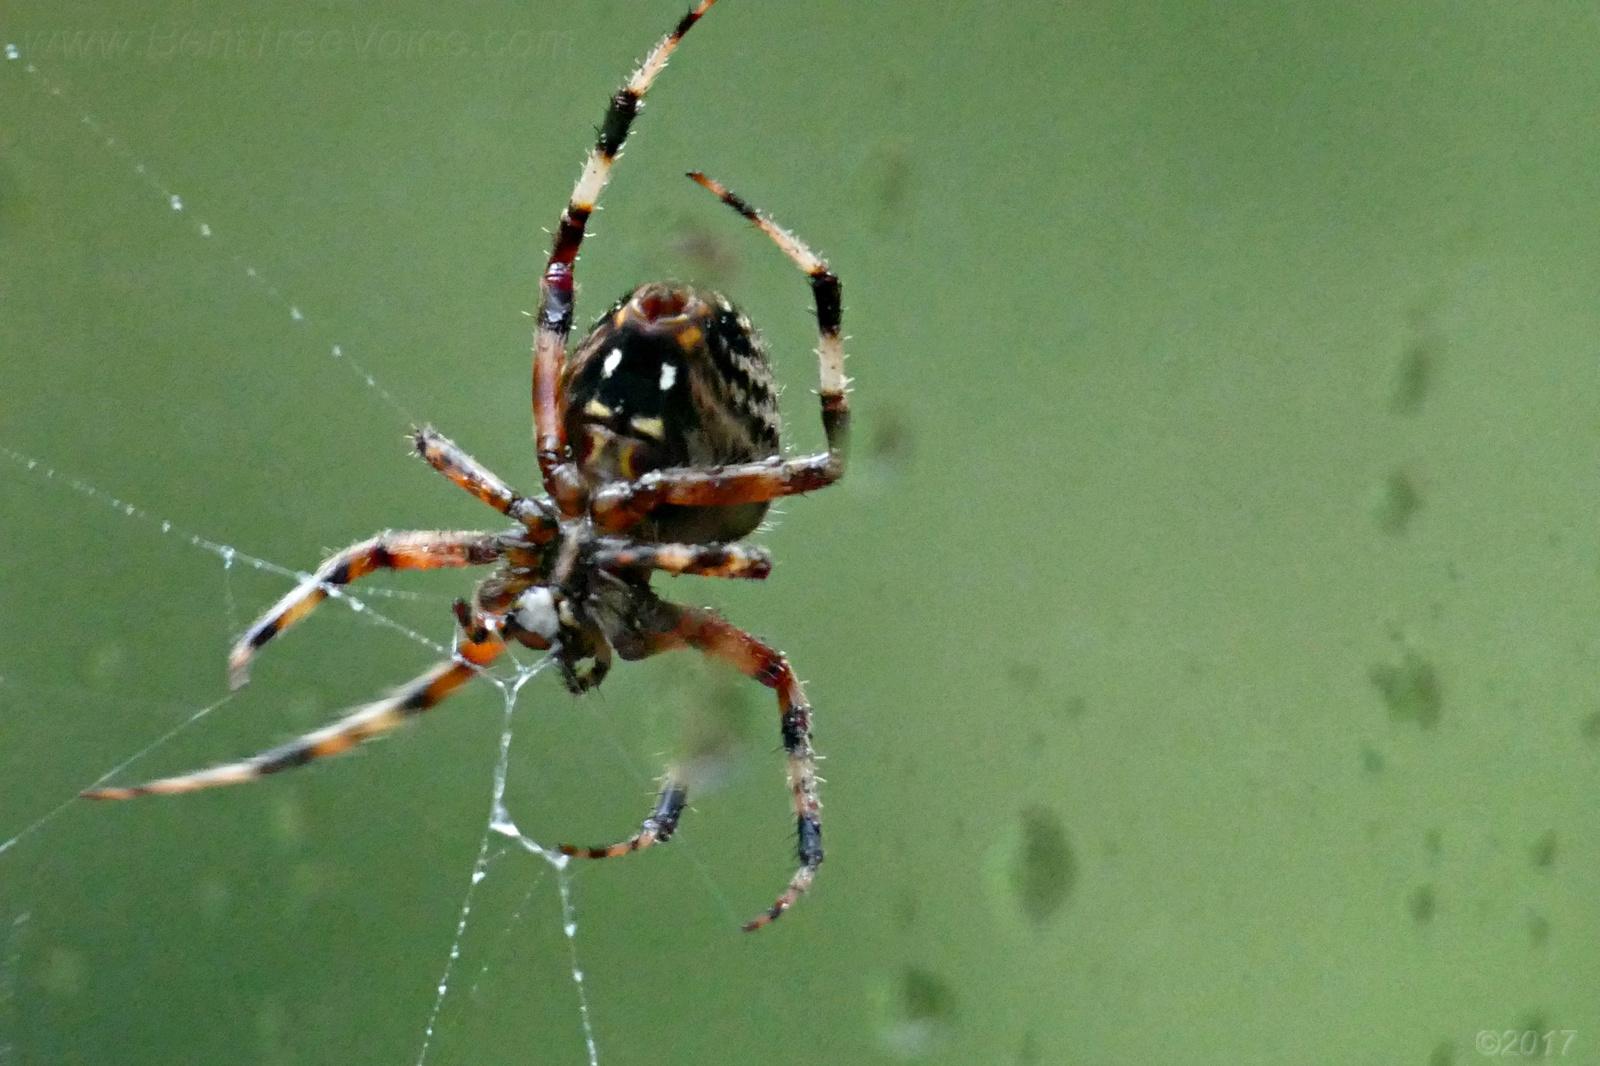 October 8, 2017 - Orb weaver spider in Bent Tree